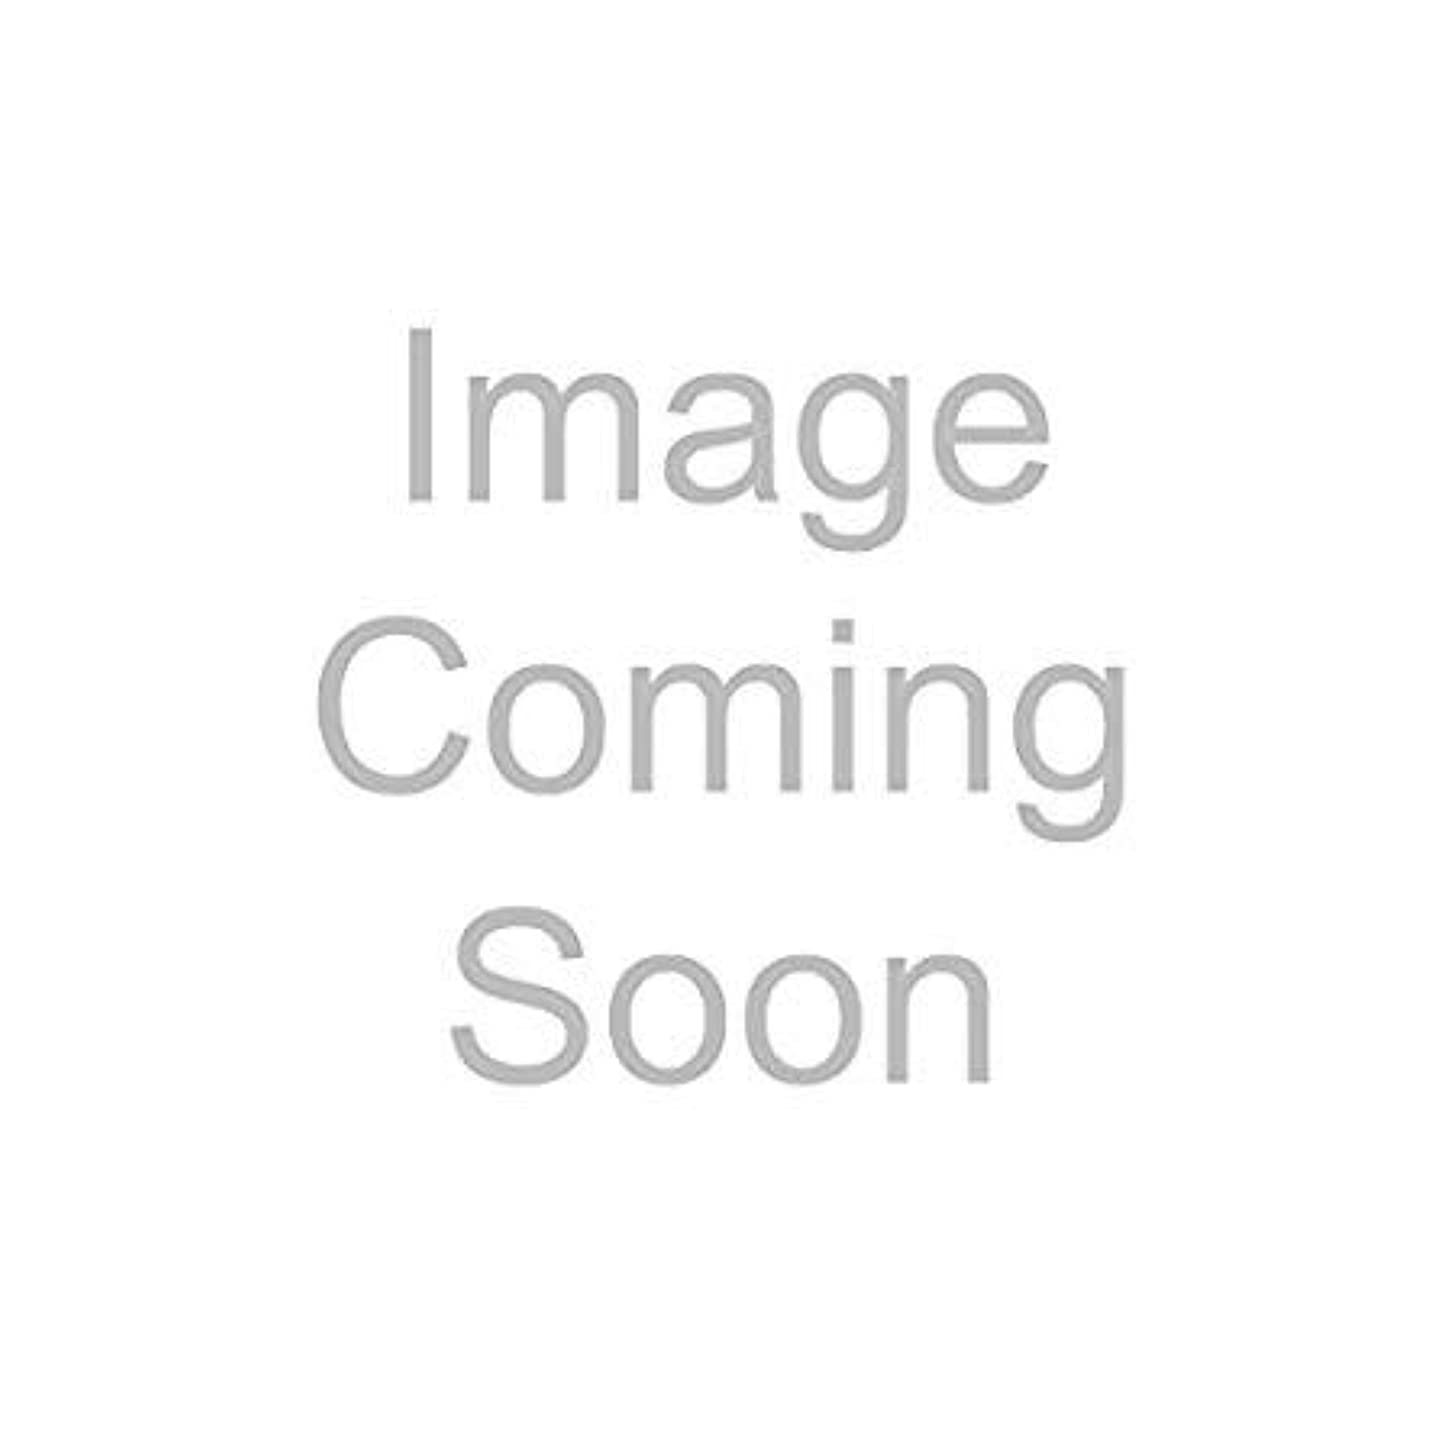 アリーナ反対に投げるエスティローダー デイウェアアドバンスドマルチプロテクションアンチオキシダントクリームSPF15(ドライスキン用) 50ml/1.7oz